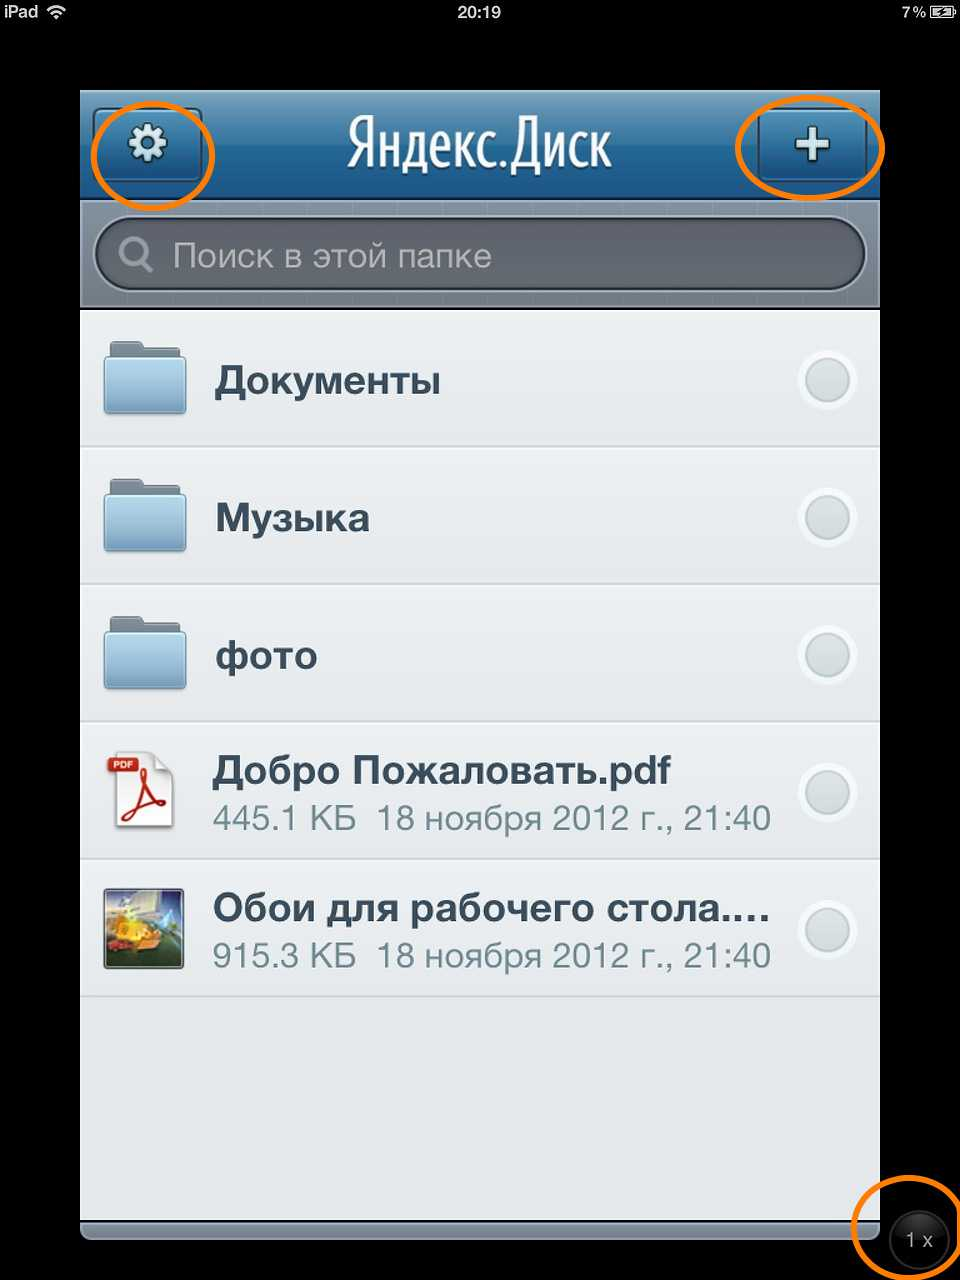 Яндекс.Диск для iPad